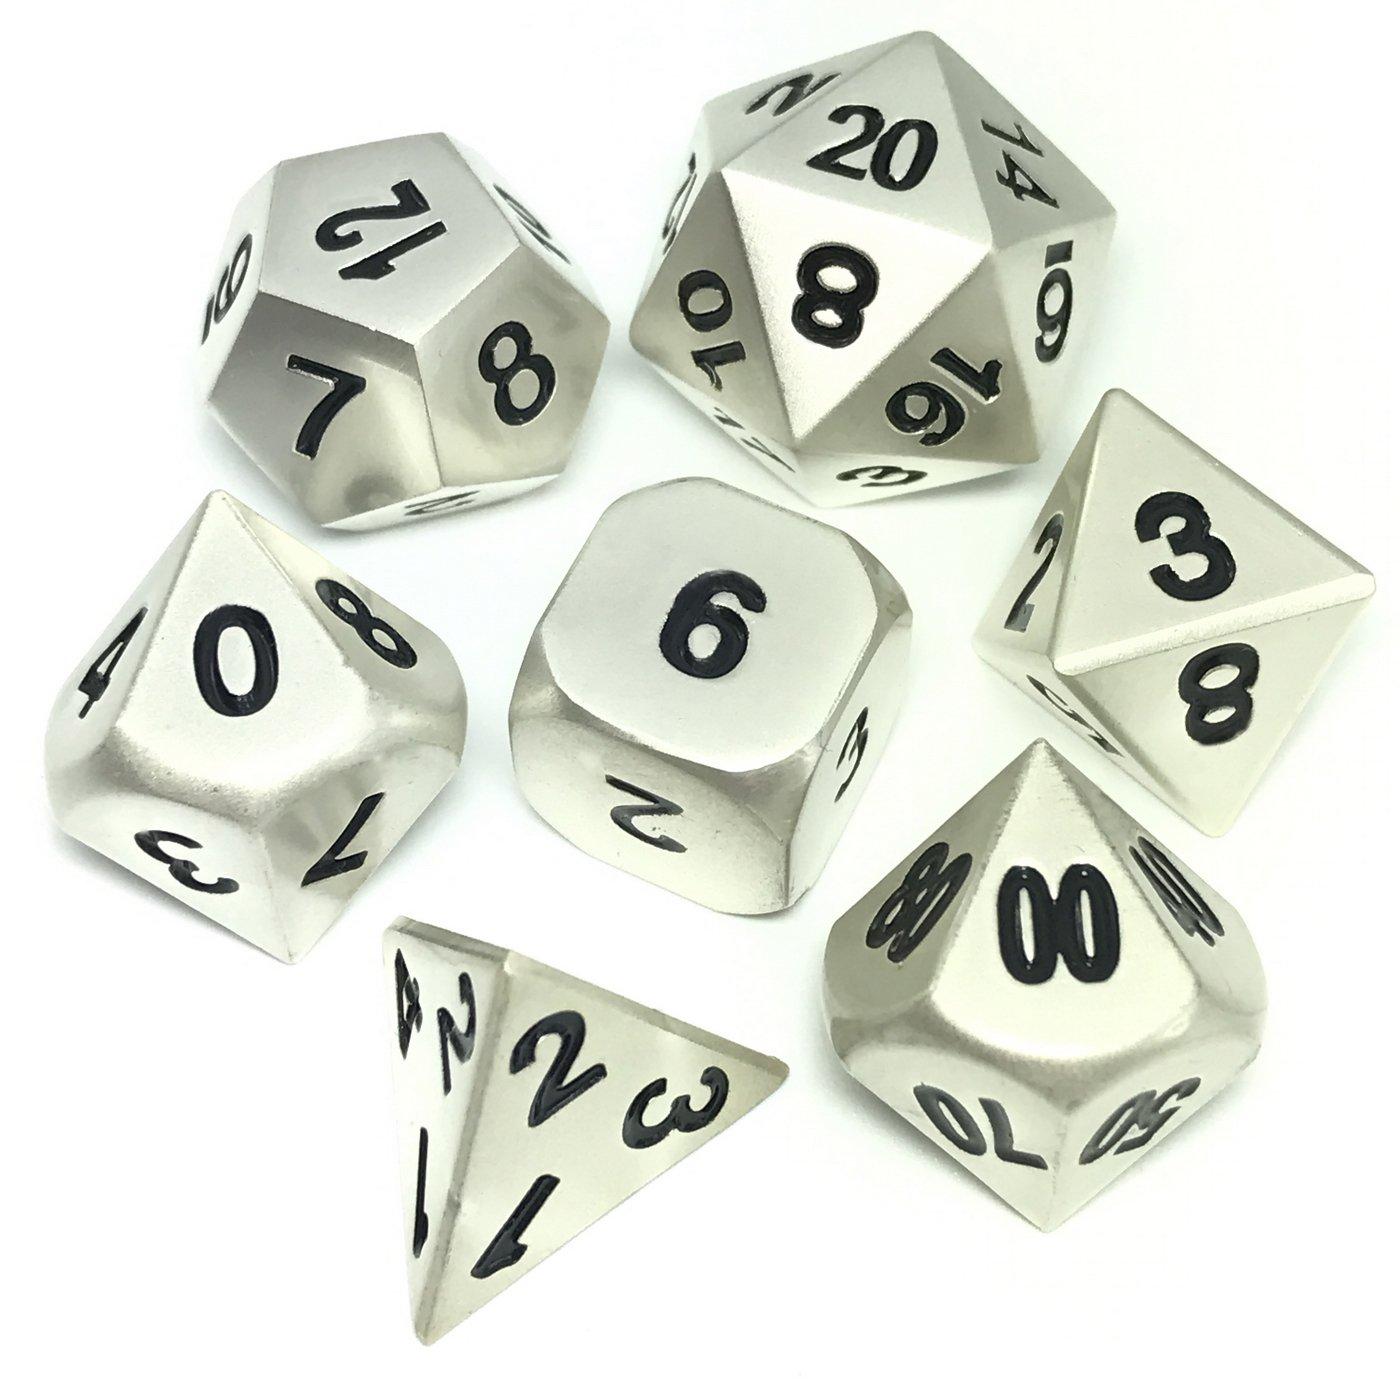 【即納&大特価】 Polyhedral 7-dieのセットメタルダイスShiny RPG Heavy Dice for RPG DND DND with Ironボックスforギフト with B06XNTHF47, エチグン:86e4a5eb --- arianechie.dominiotemporario.com